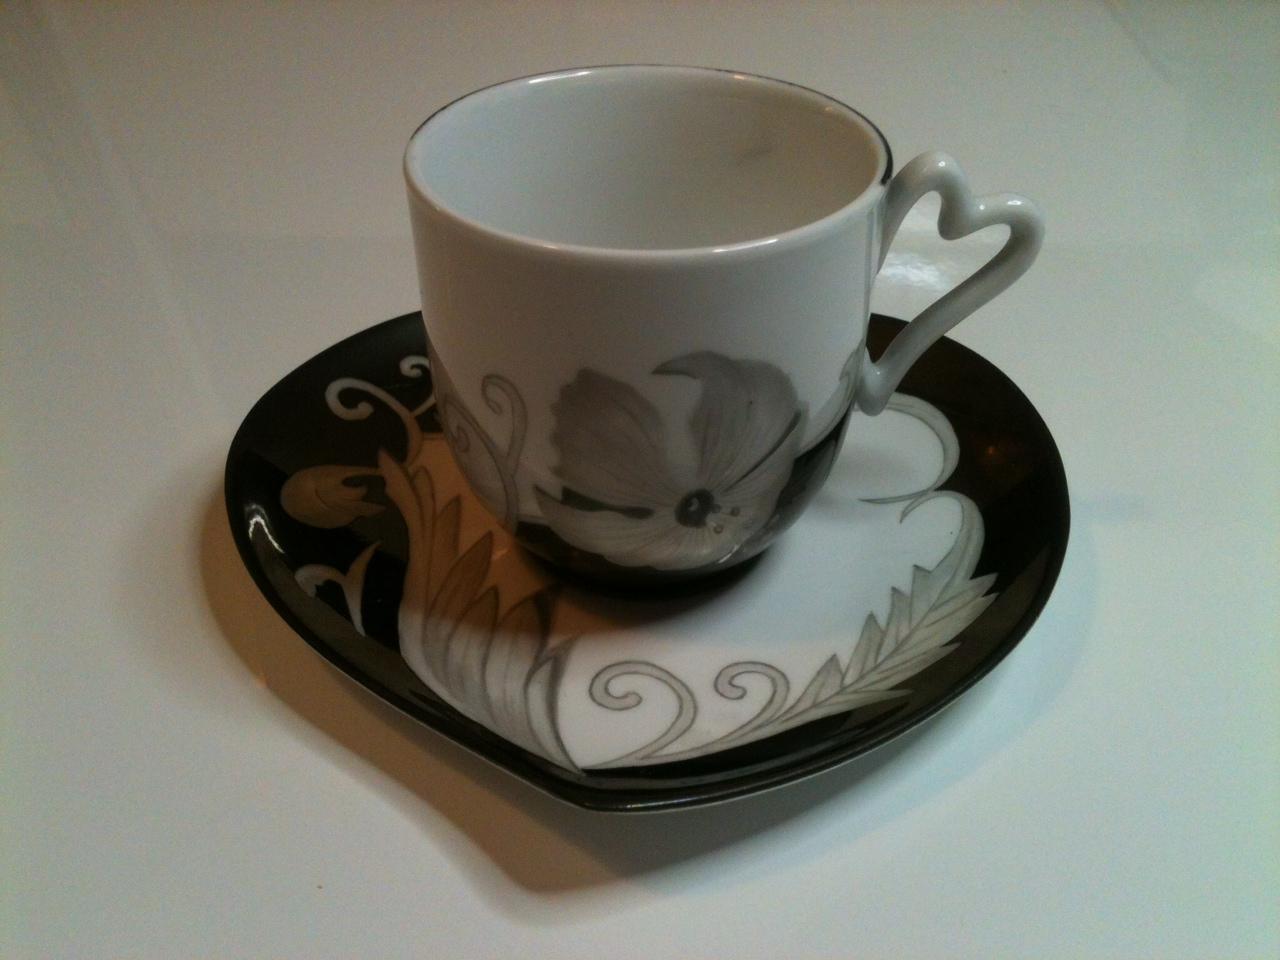 peinture sur tasses sous tasse service caf th. Black Bedroom Furniture Sets. Home Design Ideas